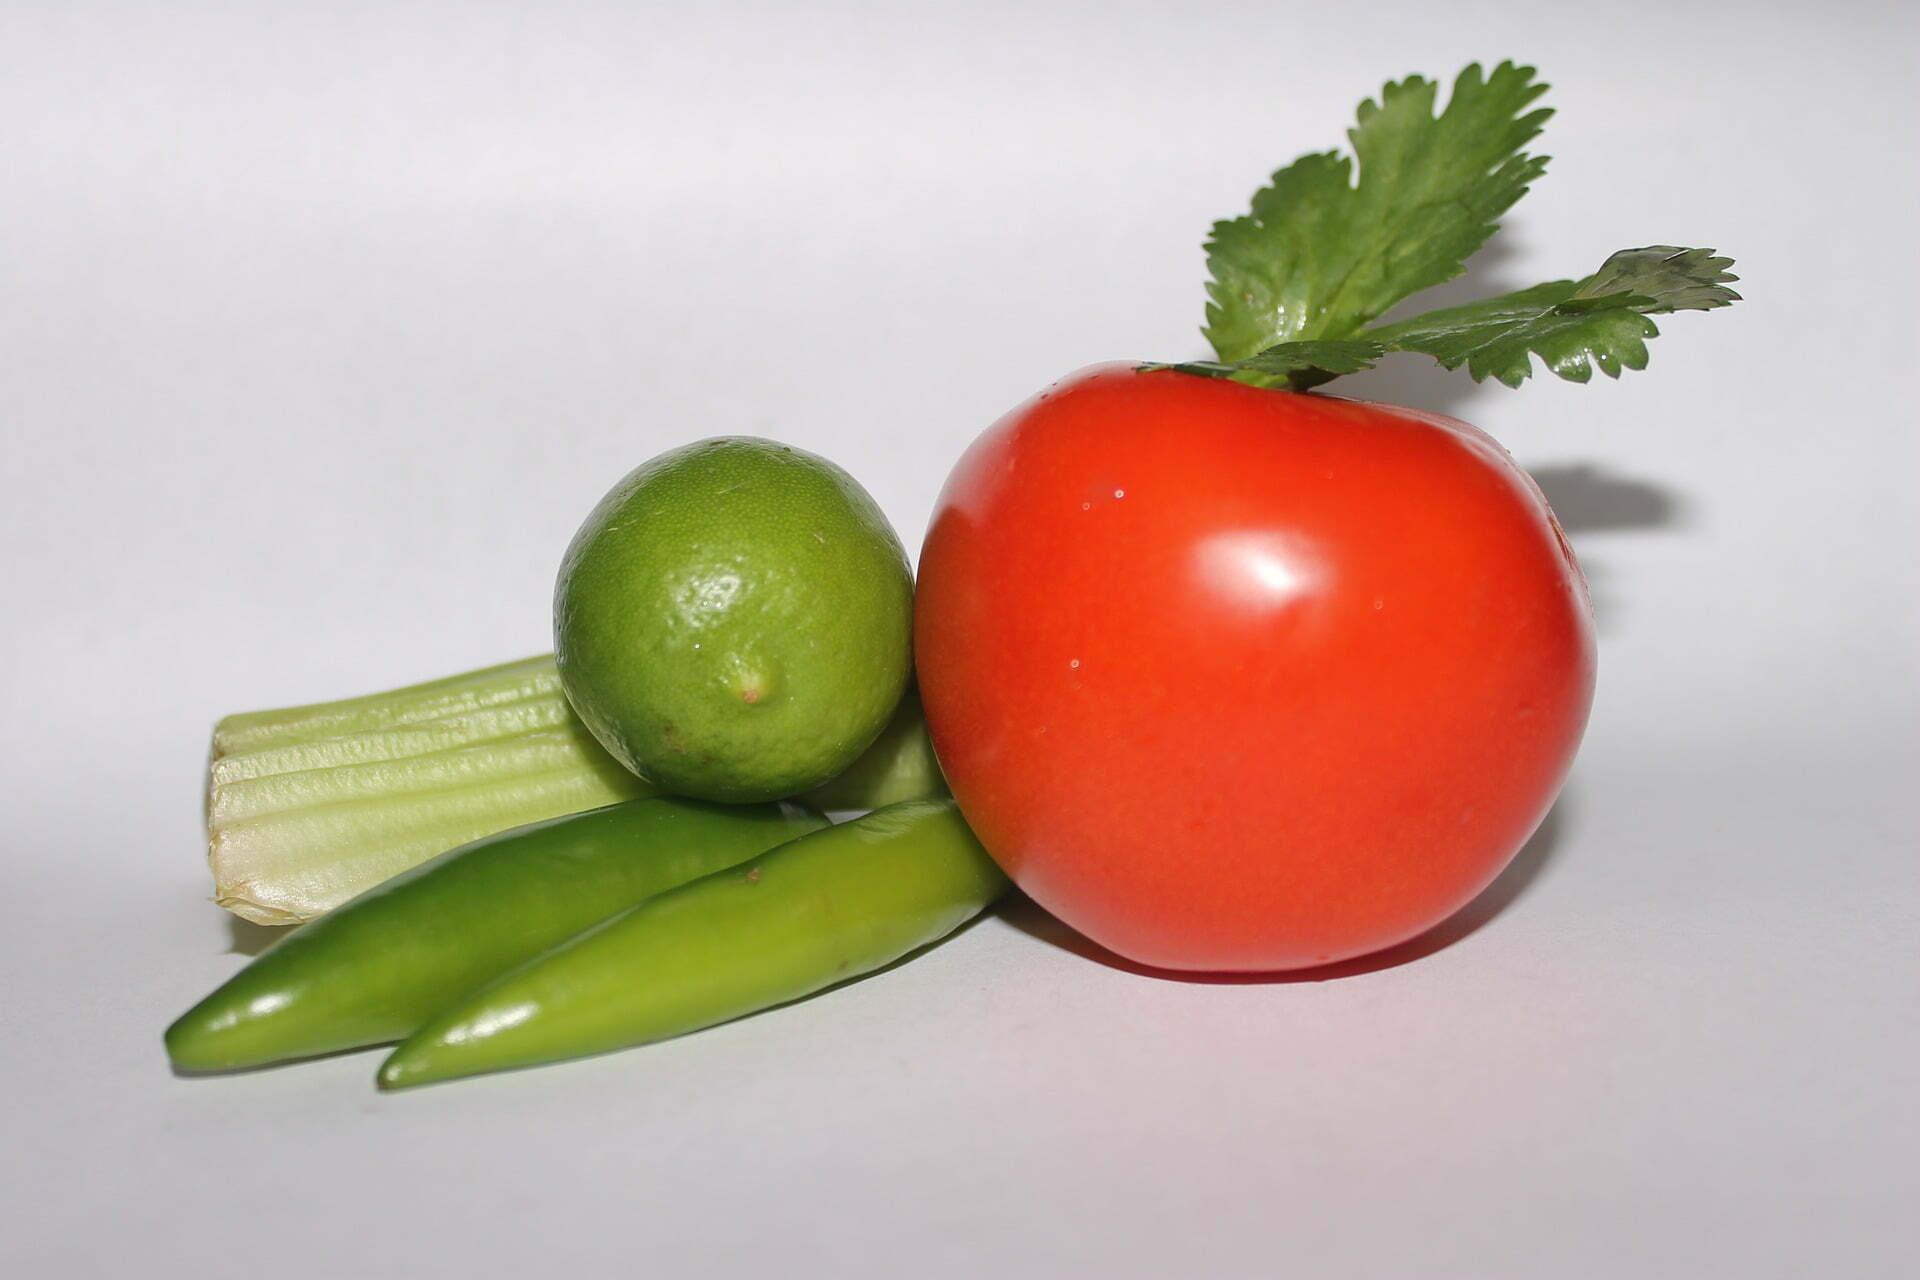 De industrie bederft zelfs groenten met suiker